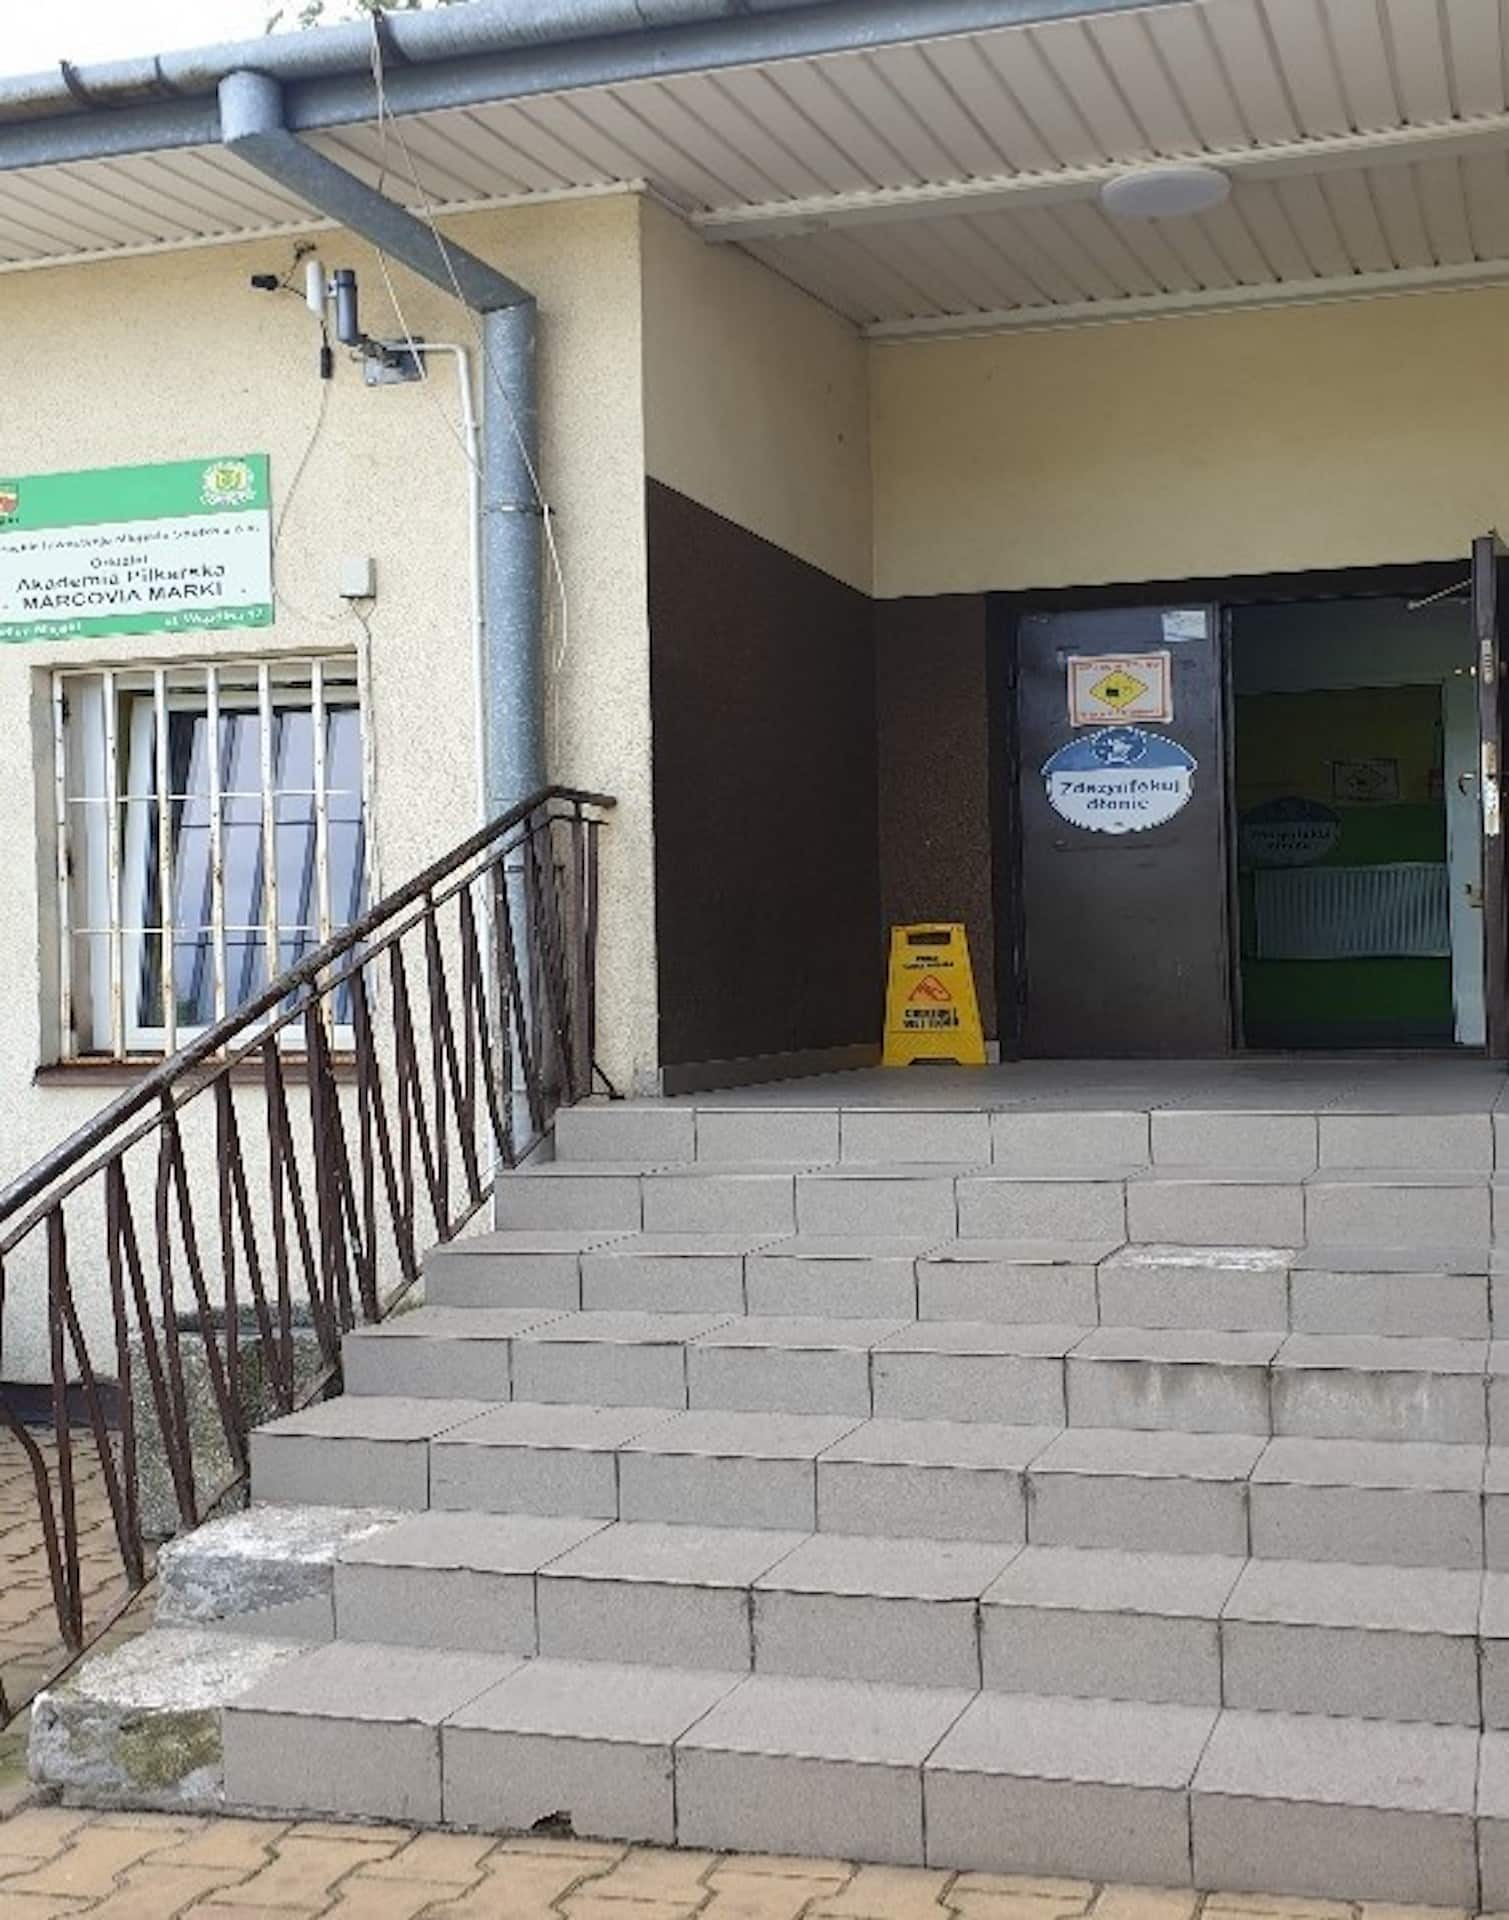 Wejście do budynku MKS Marcovia Marki